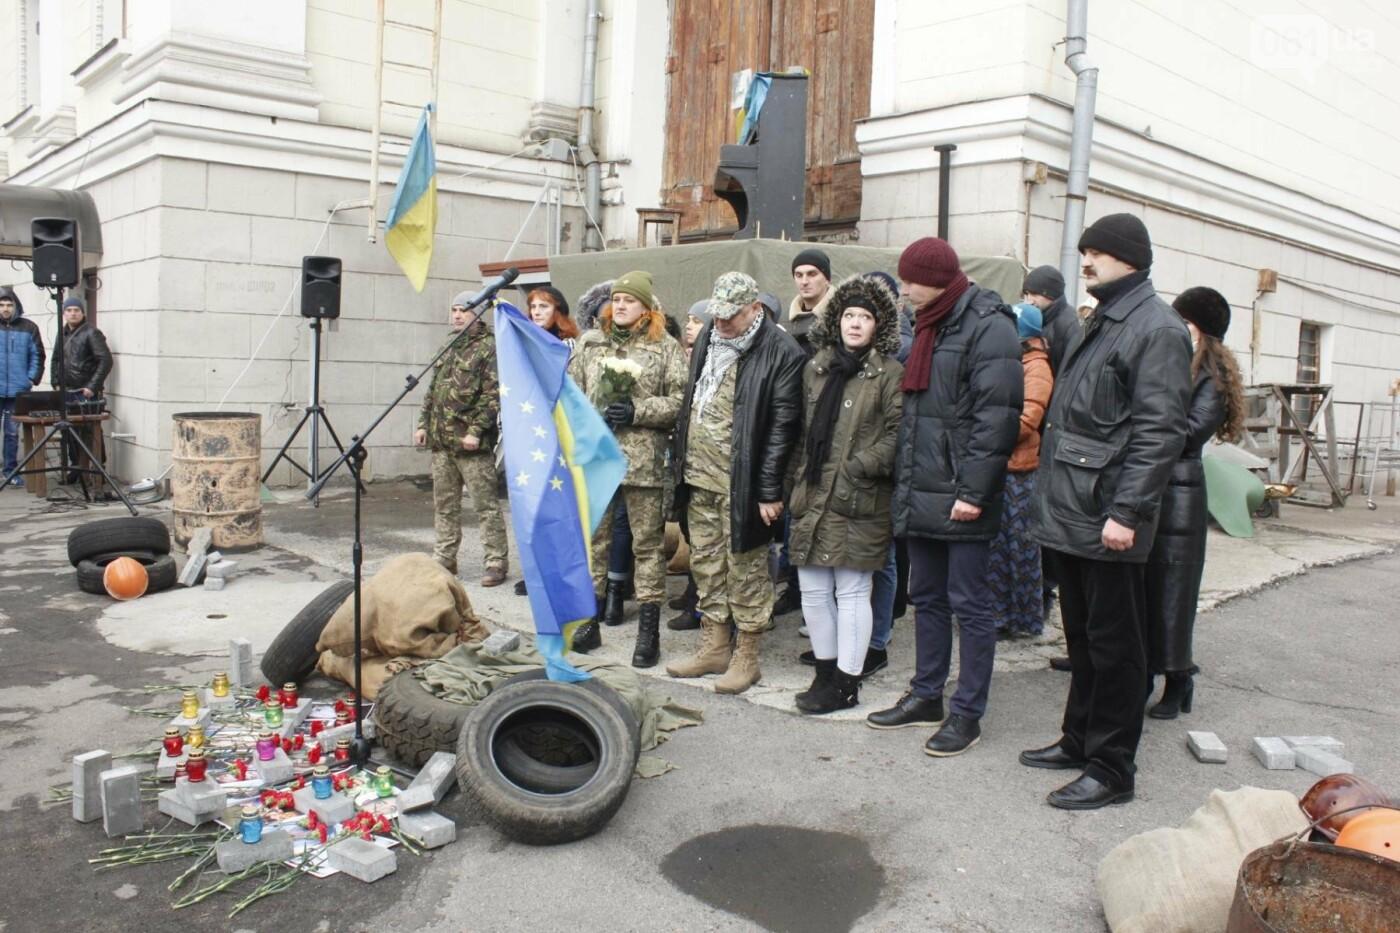 В Запорожье актеры на улице читали стихи о Майдане, - ФОТОРЕПОРТАЖ, фото-15